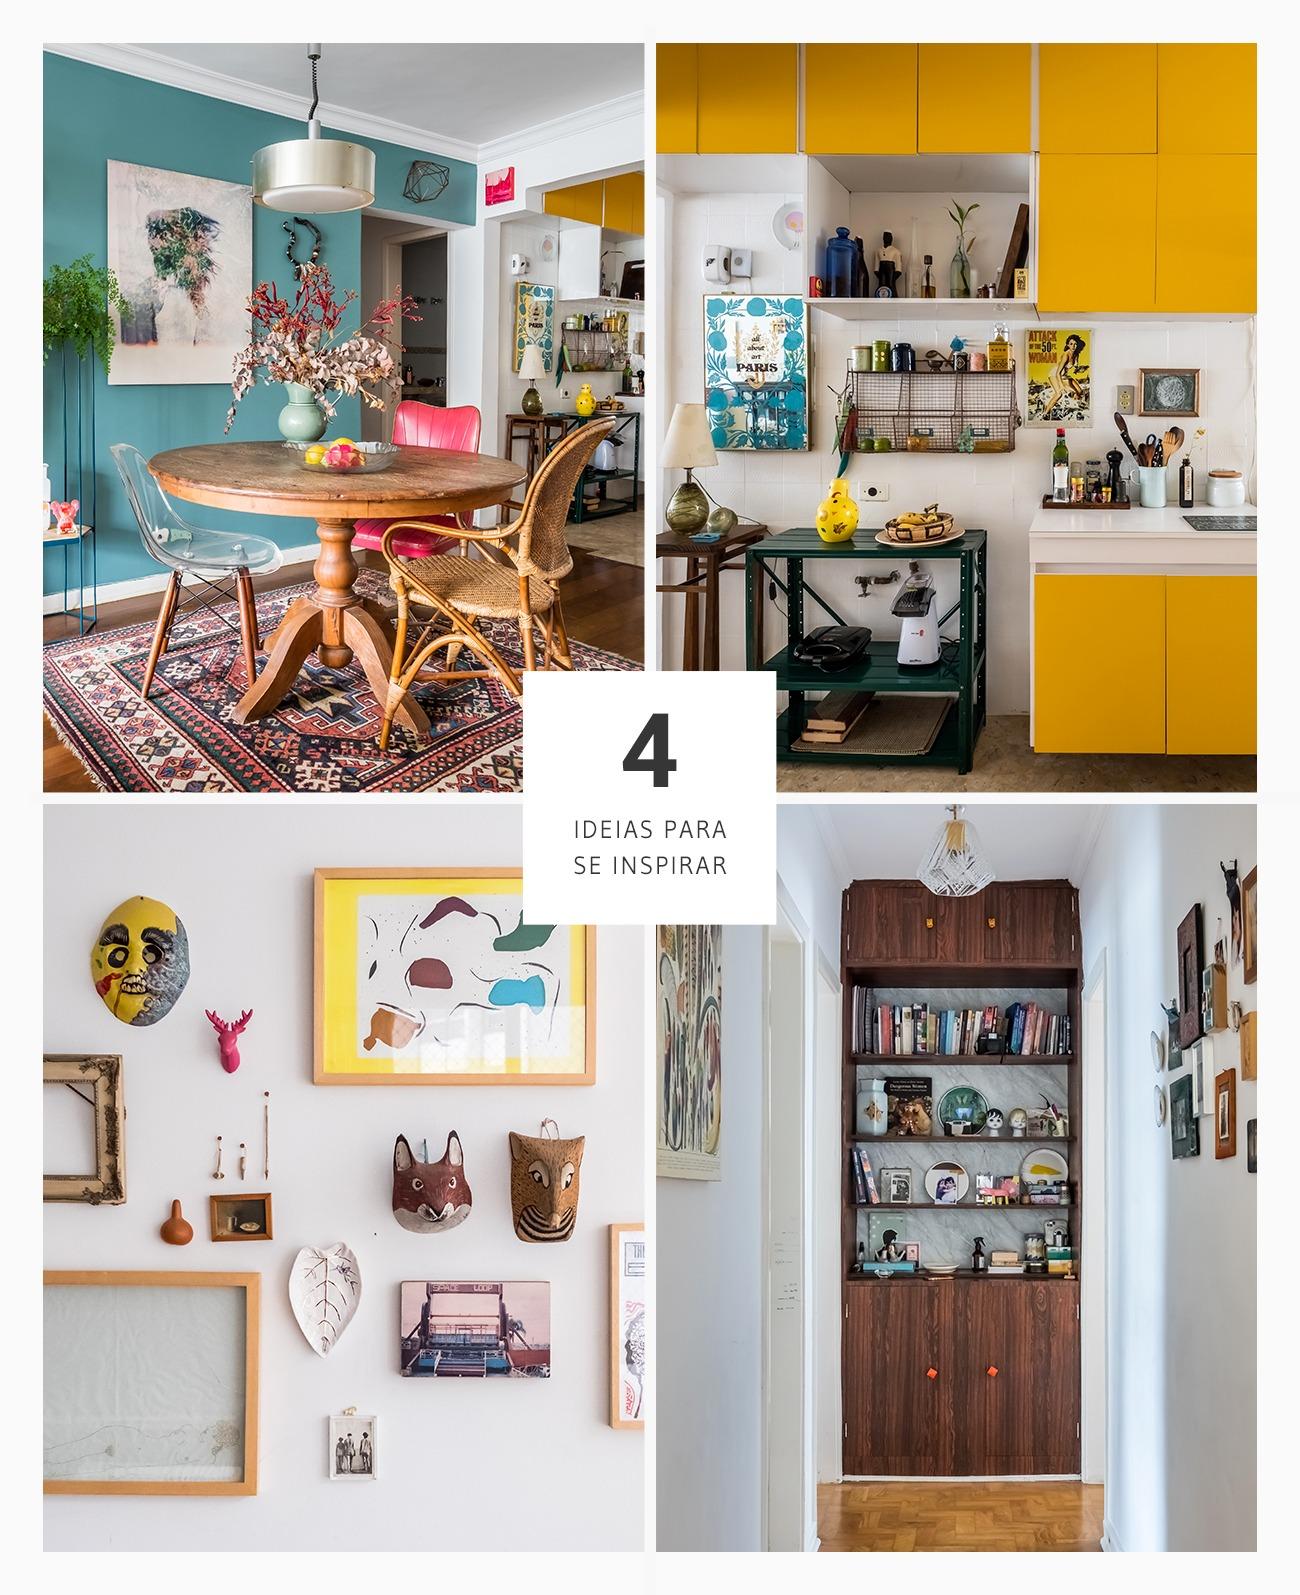 boas ideias de decoração em um apartamento eclético e vintage